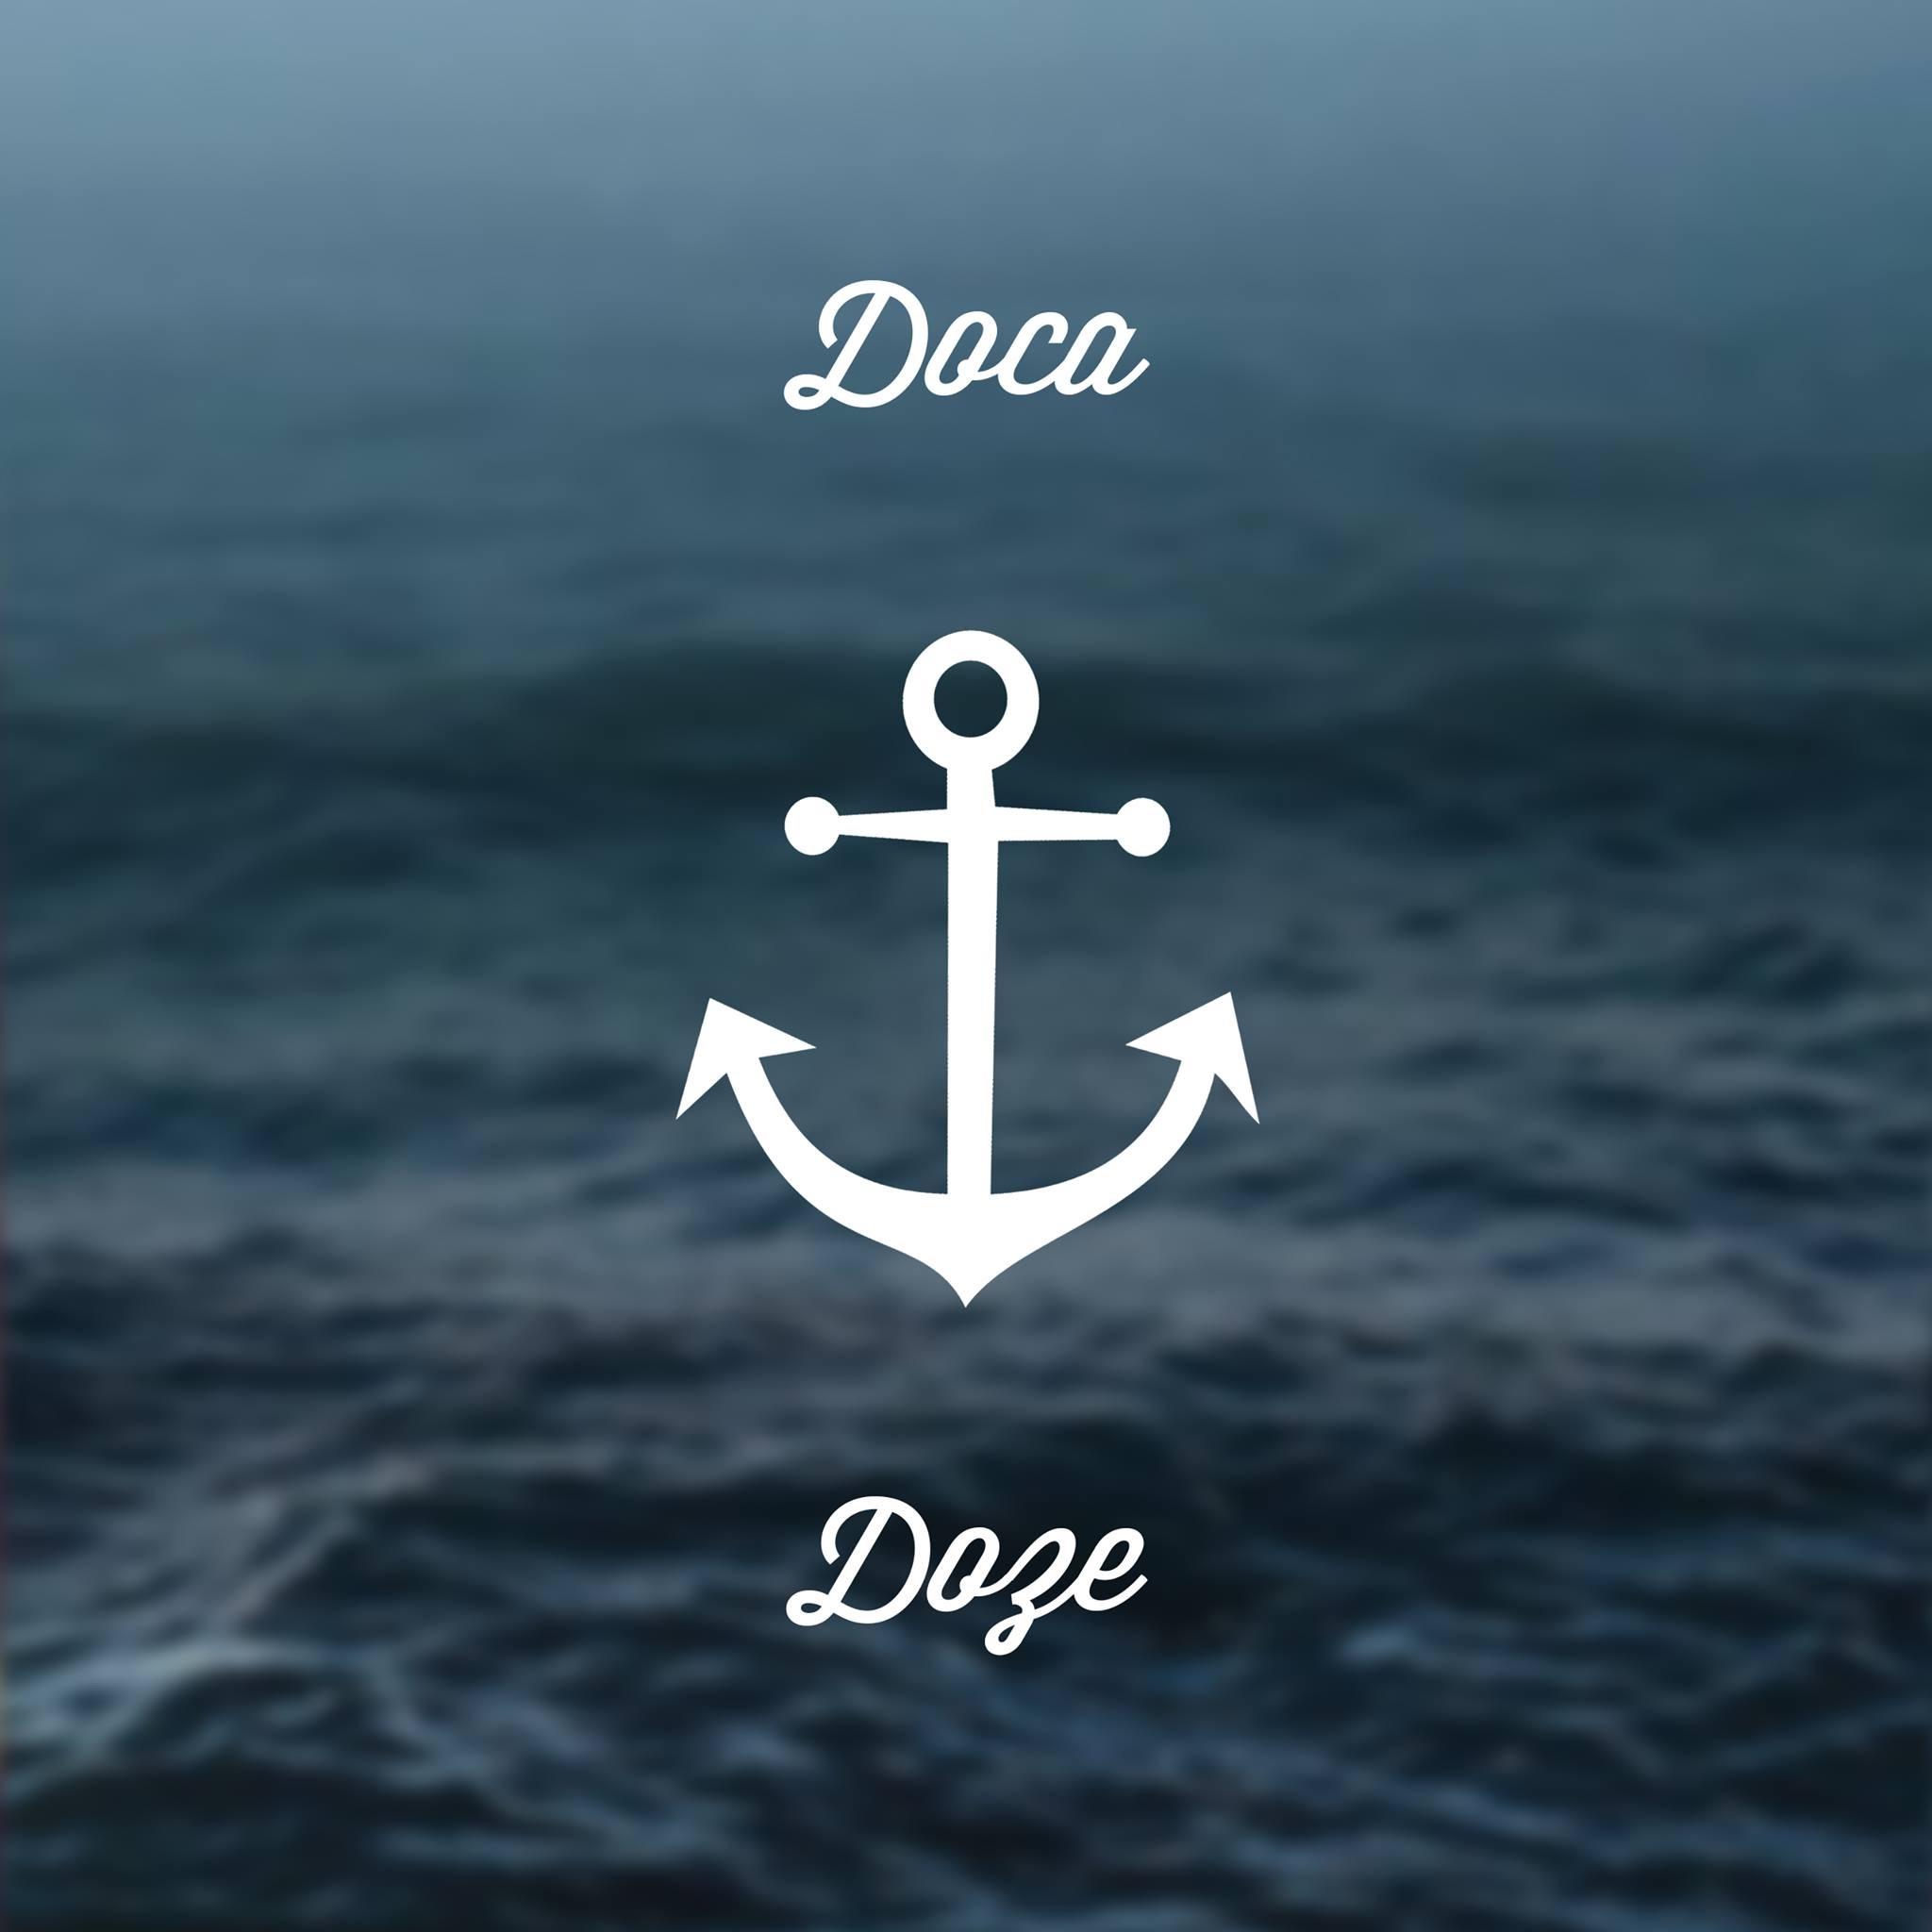 Doca Doze